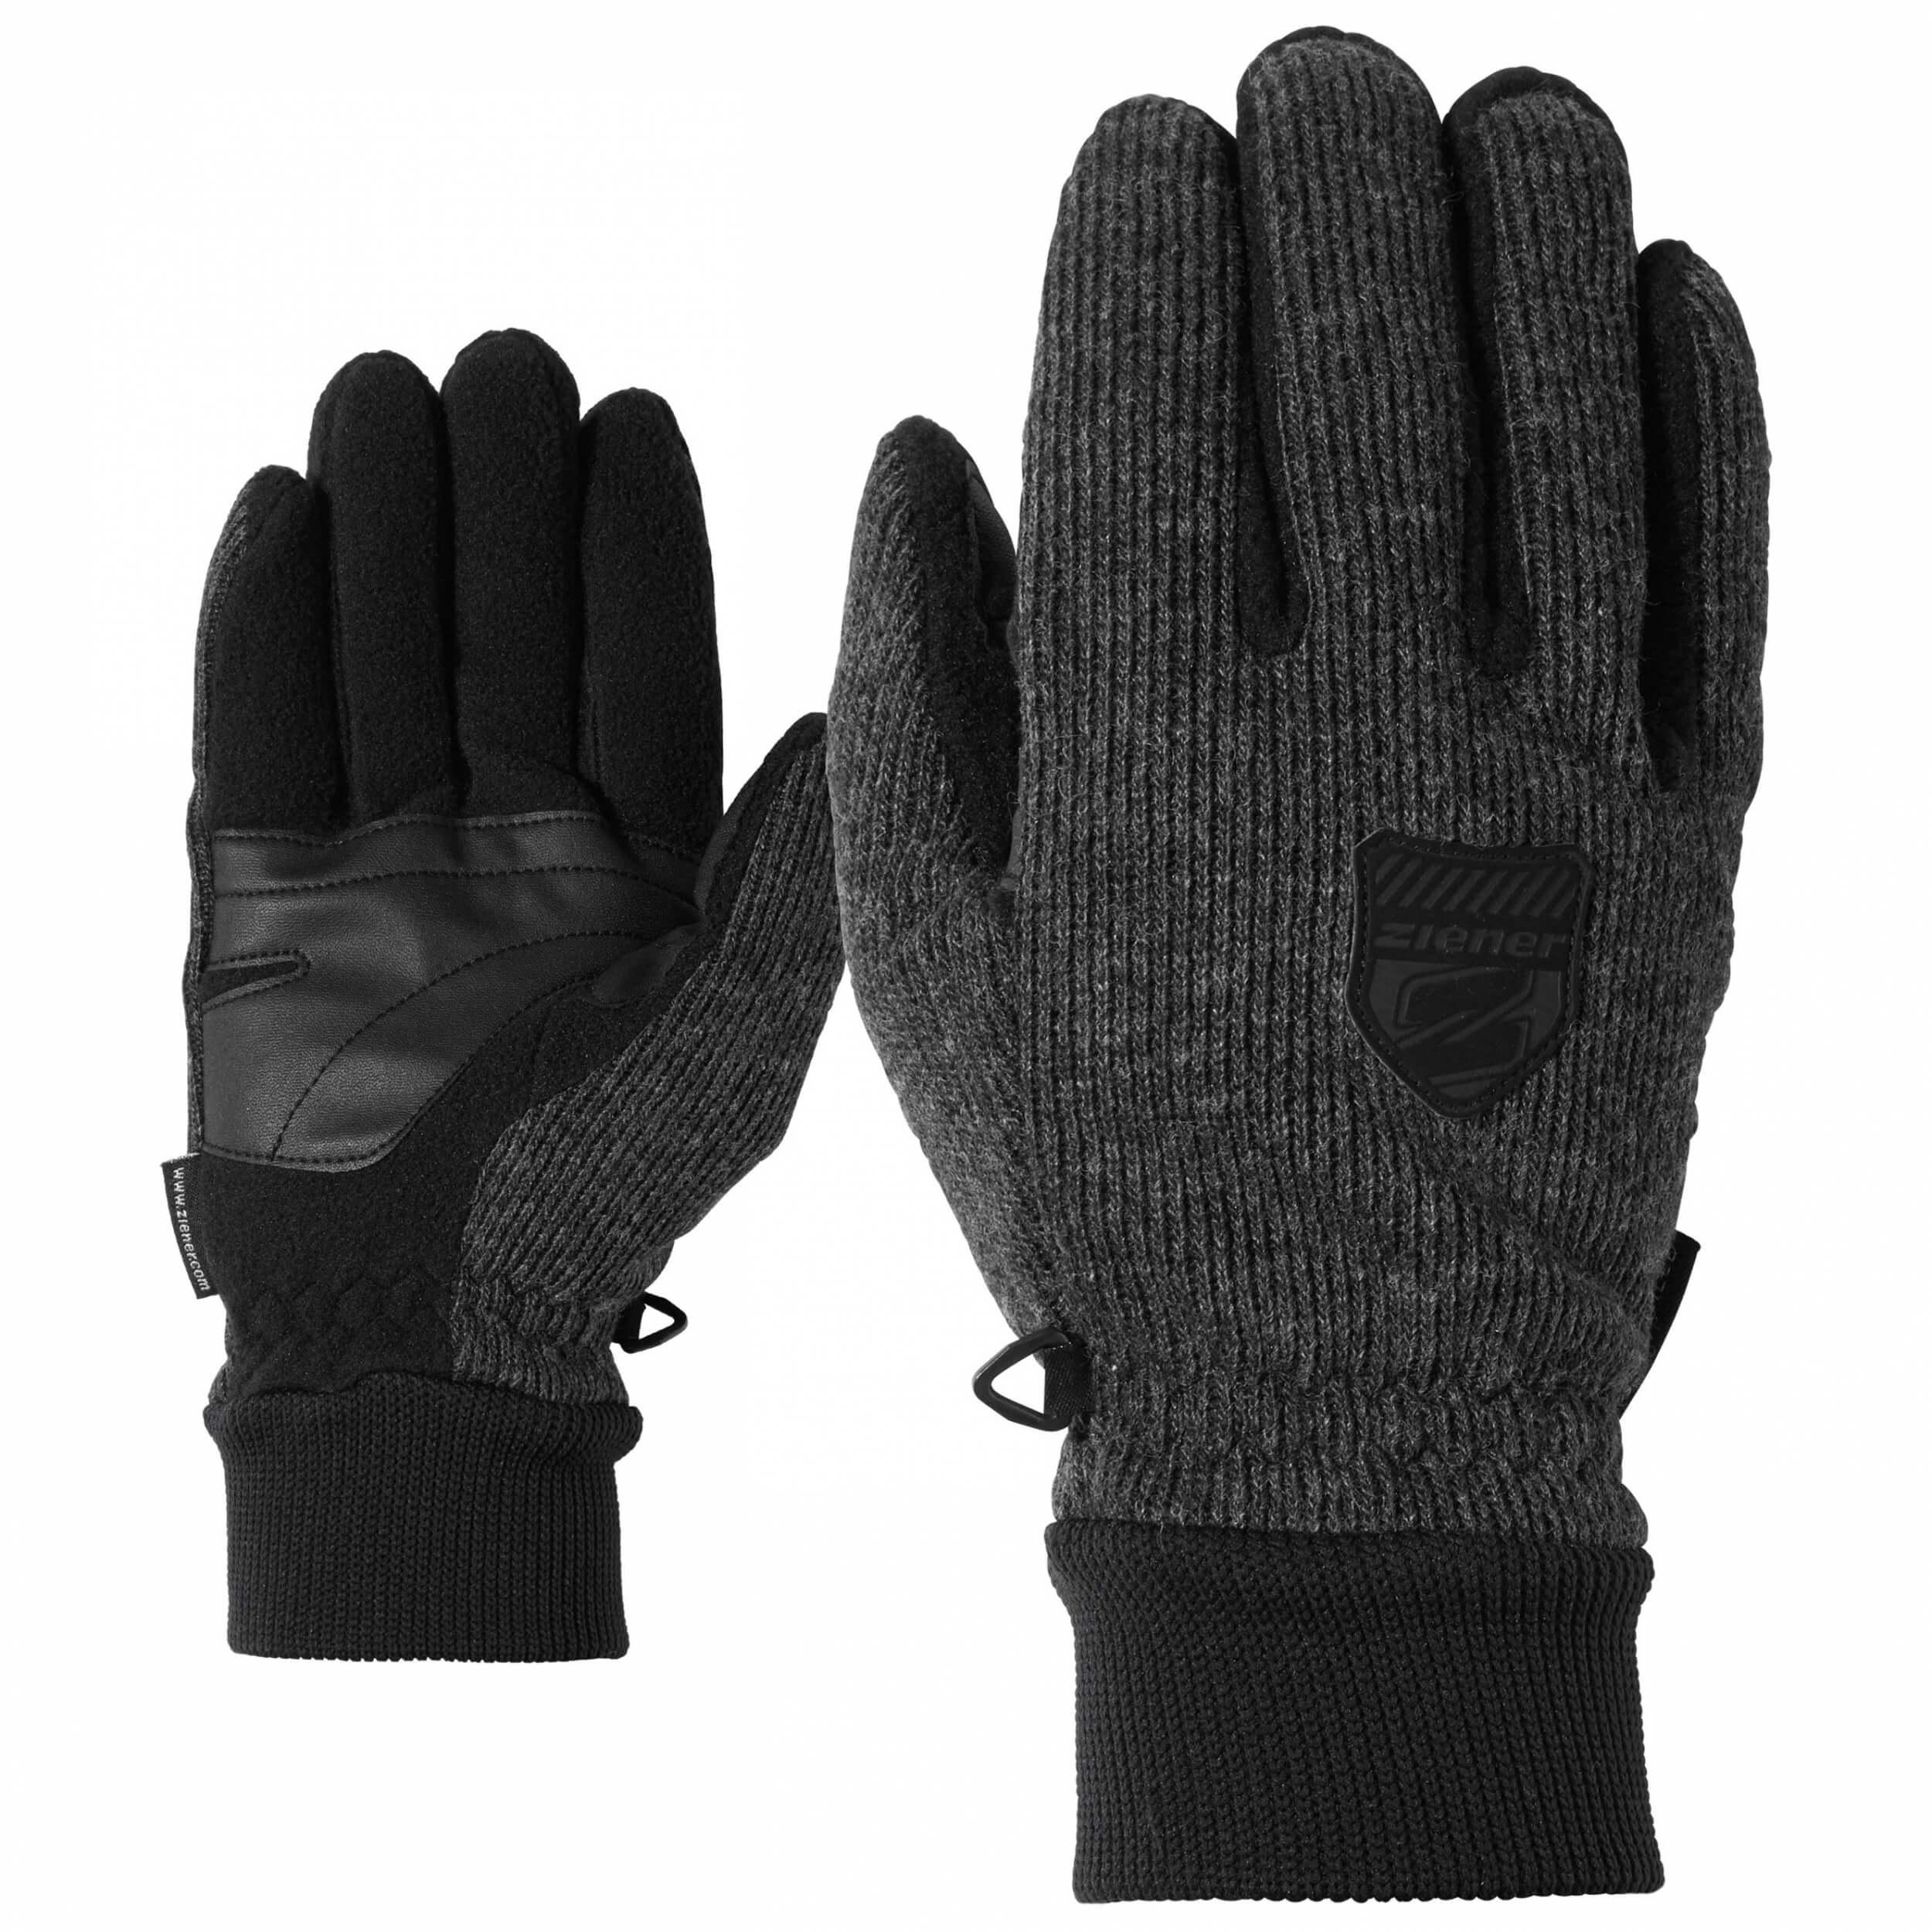 ZIENER Winter Handschuhe Impulsen schwarz 726